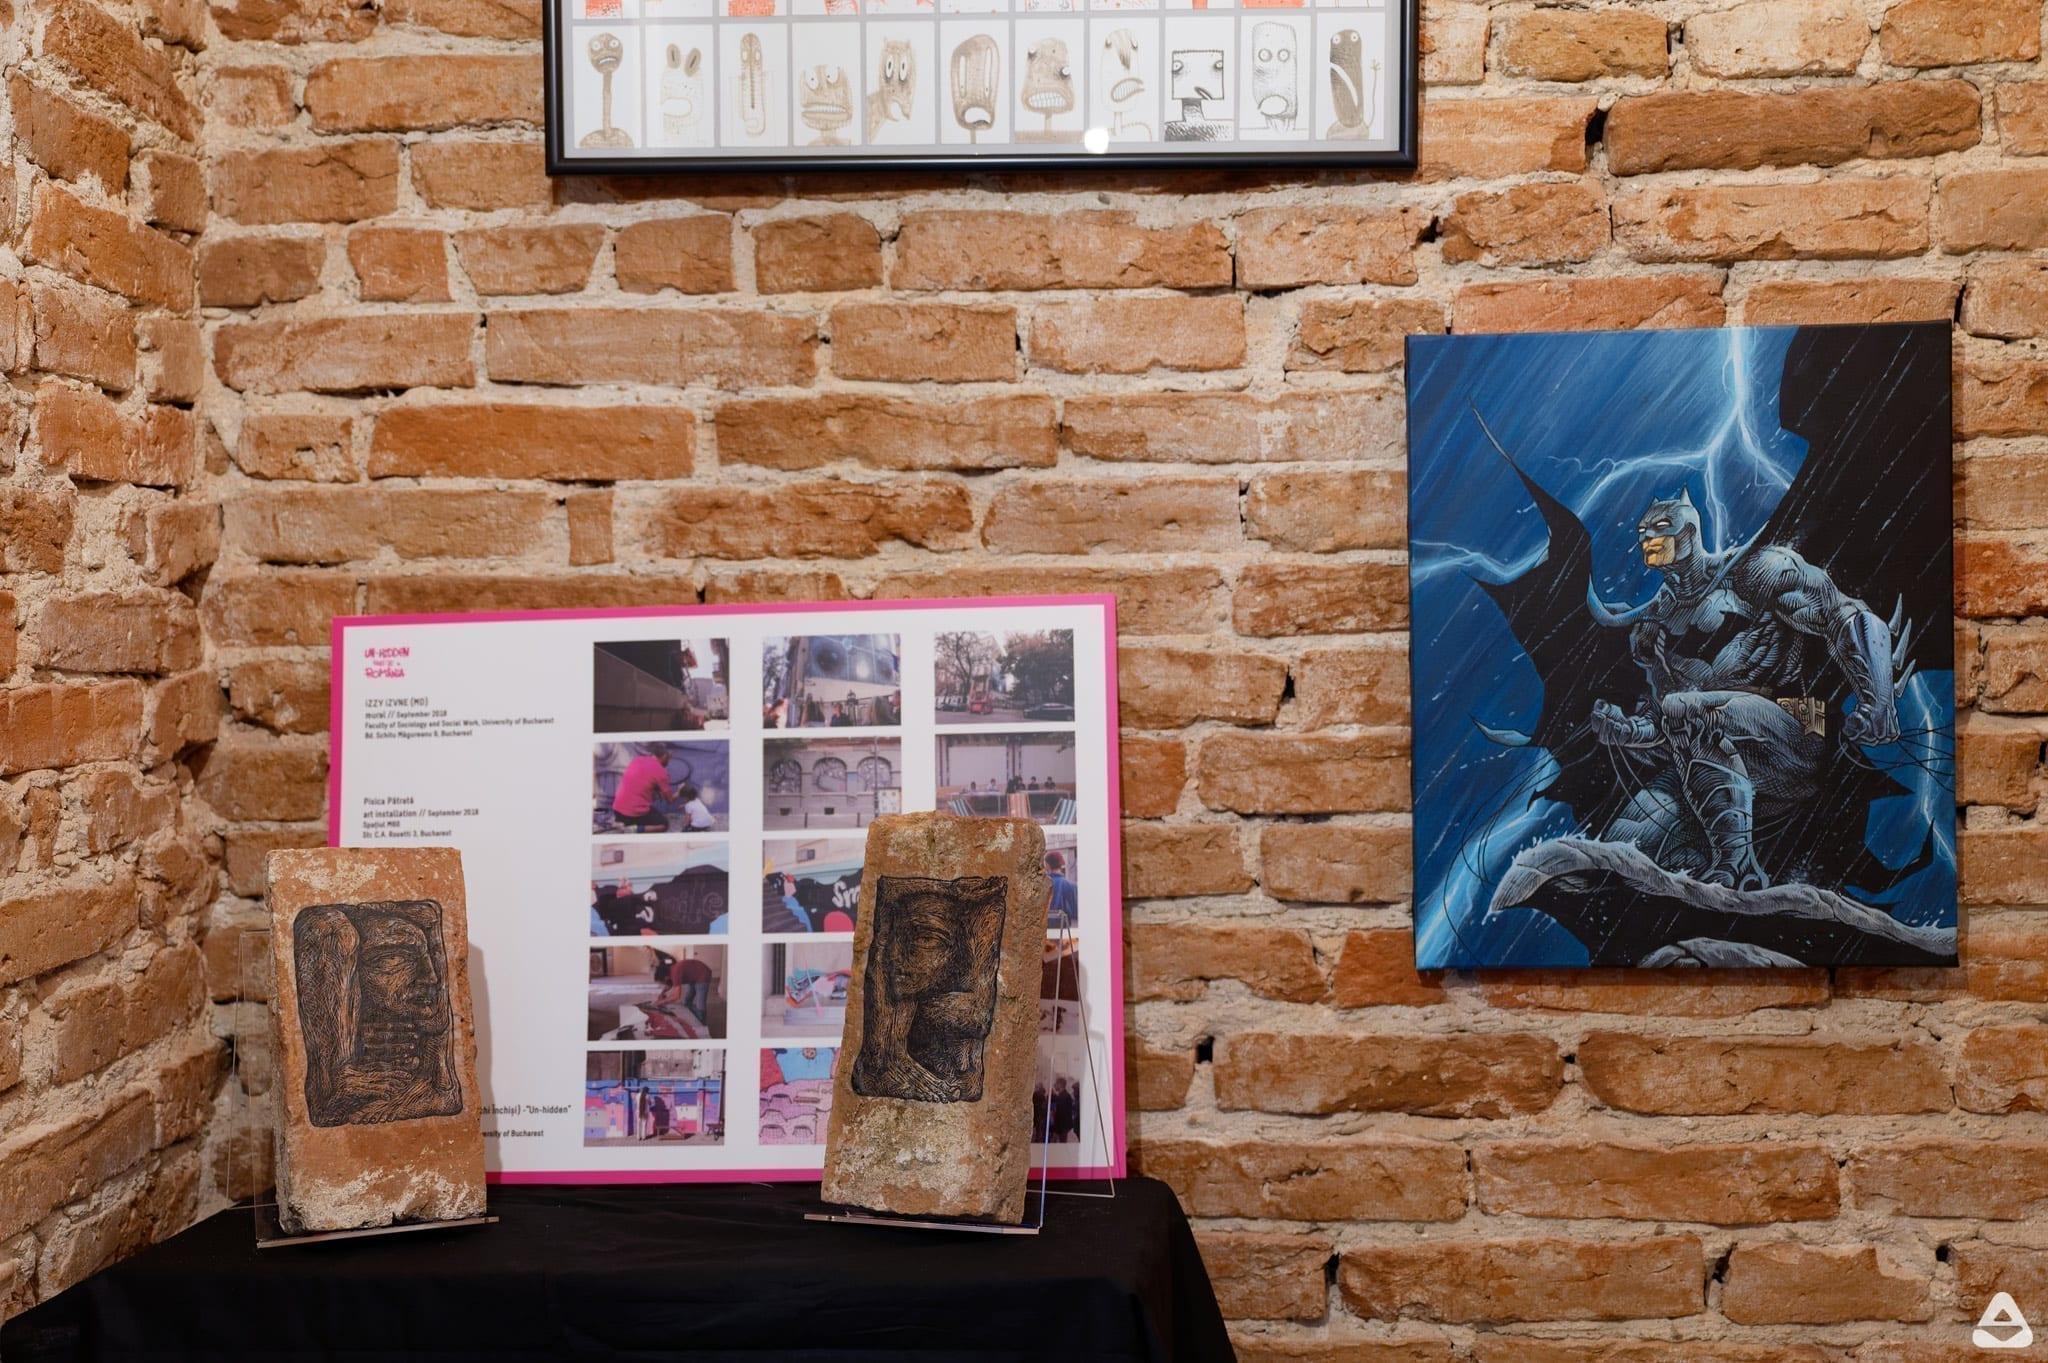 imagini de la evenimenteleUn-hidden Romanian Culture, organizate cu ocazia Zilei Culturii Naționale